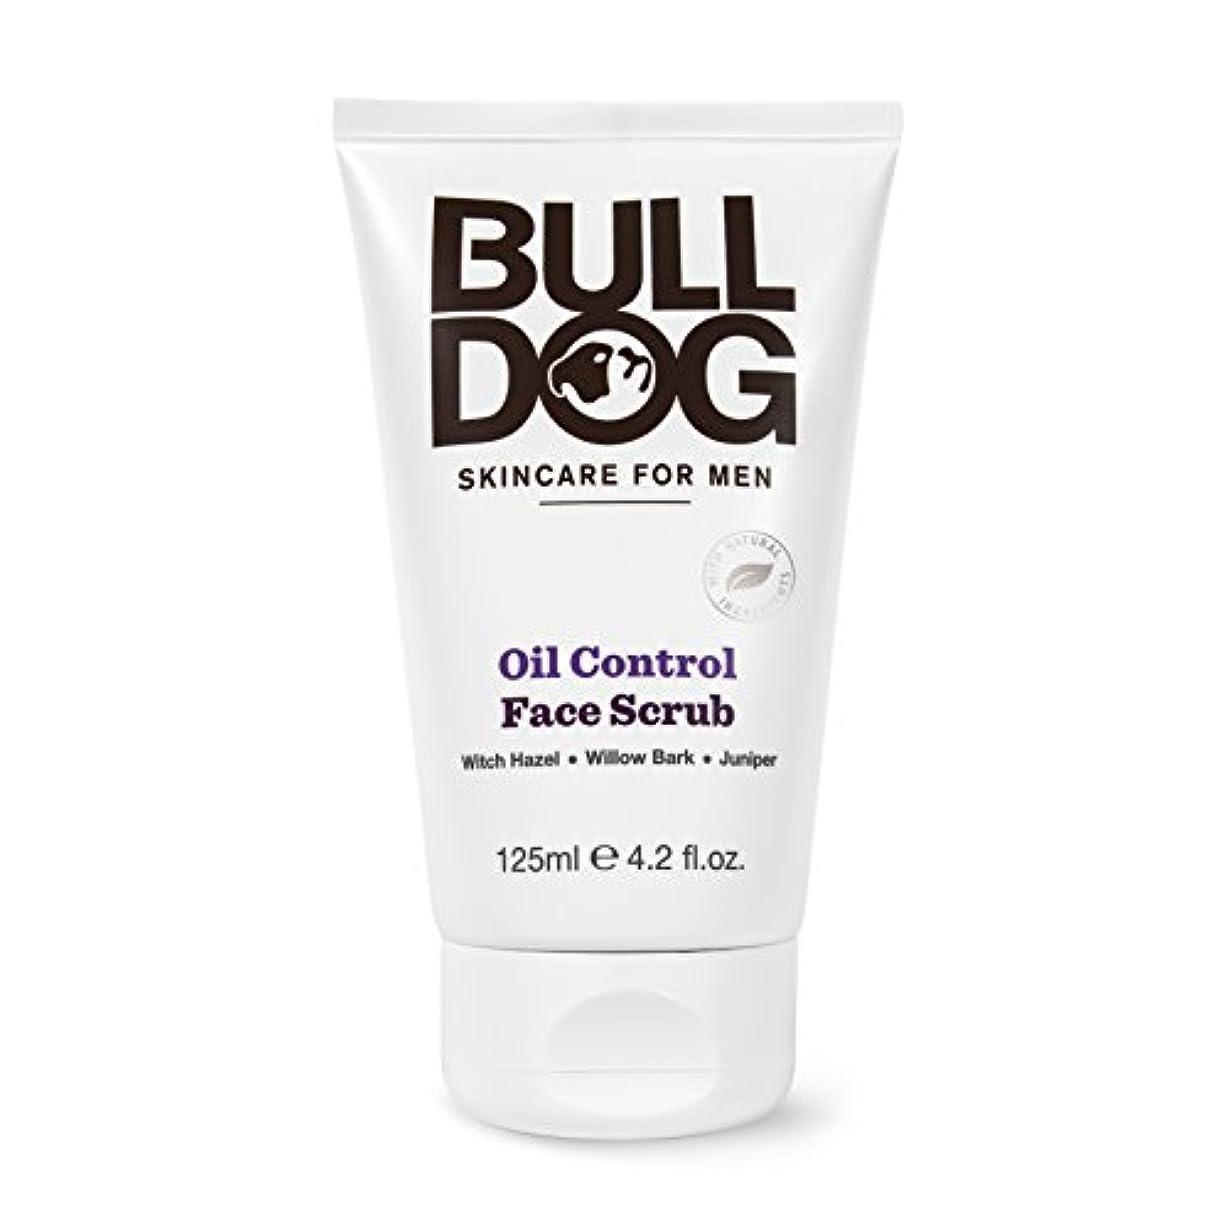 安西フォーカス不利益ブルドッグ Bulldog オイルコントロールフェイススクラブ(洗顔料) 125m